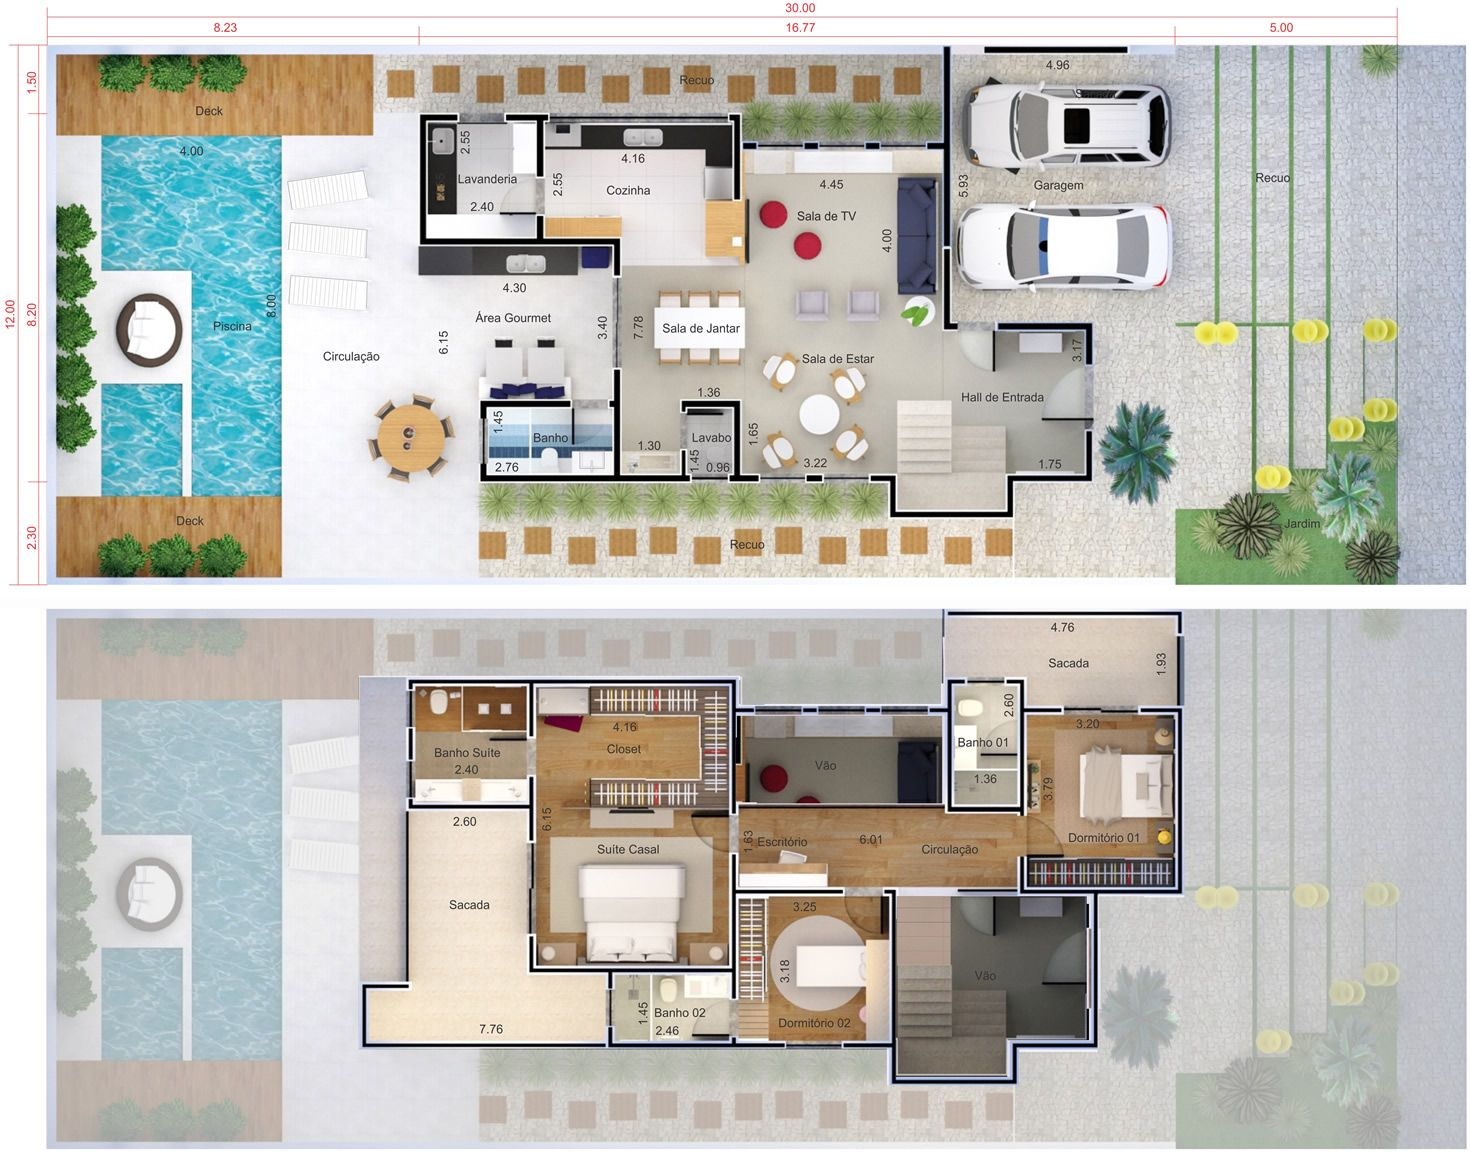 Planta de sobrado com 3 su tes planta para terreno 12x30 for Casa moderna 2 andares 3 quartos